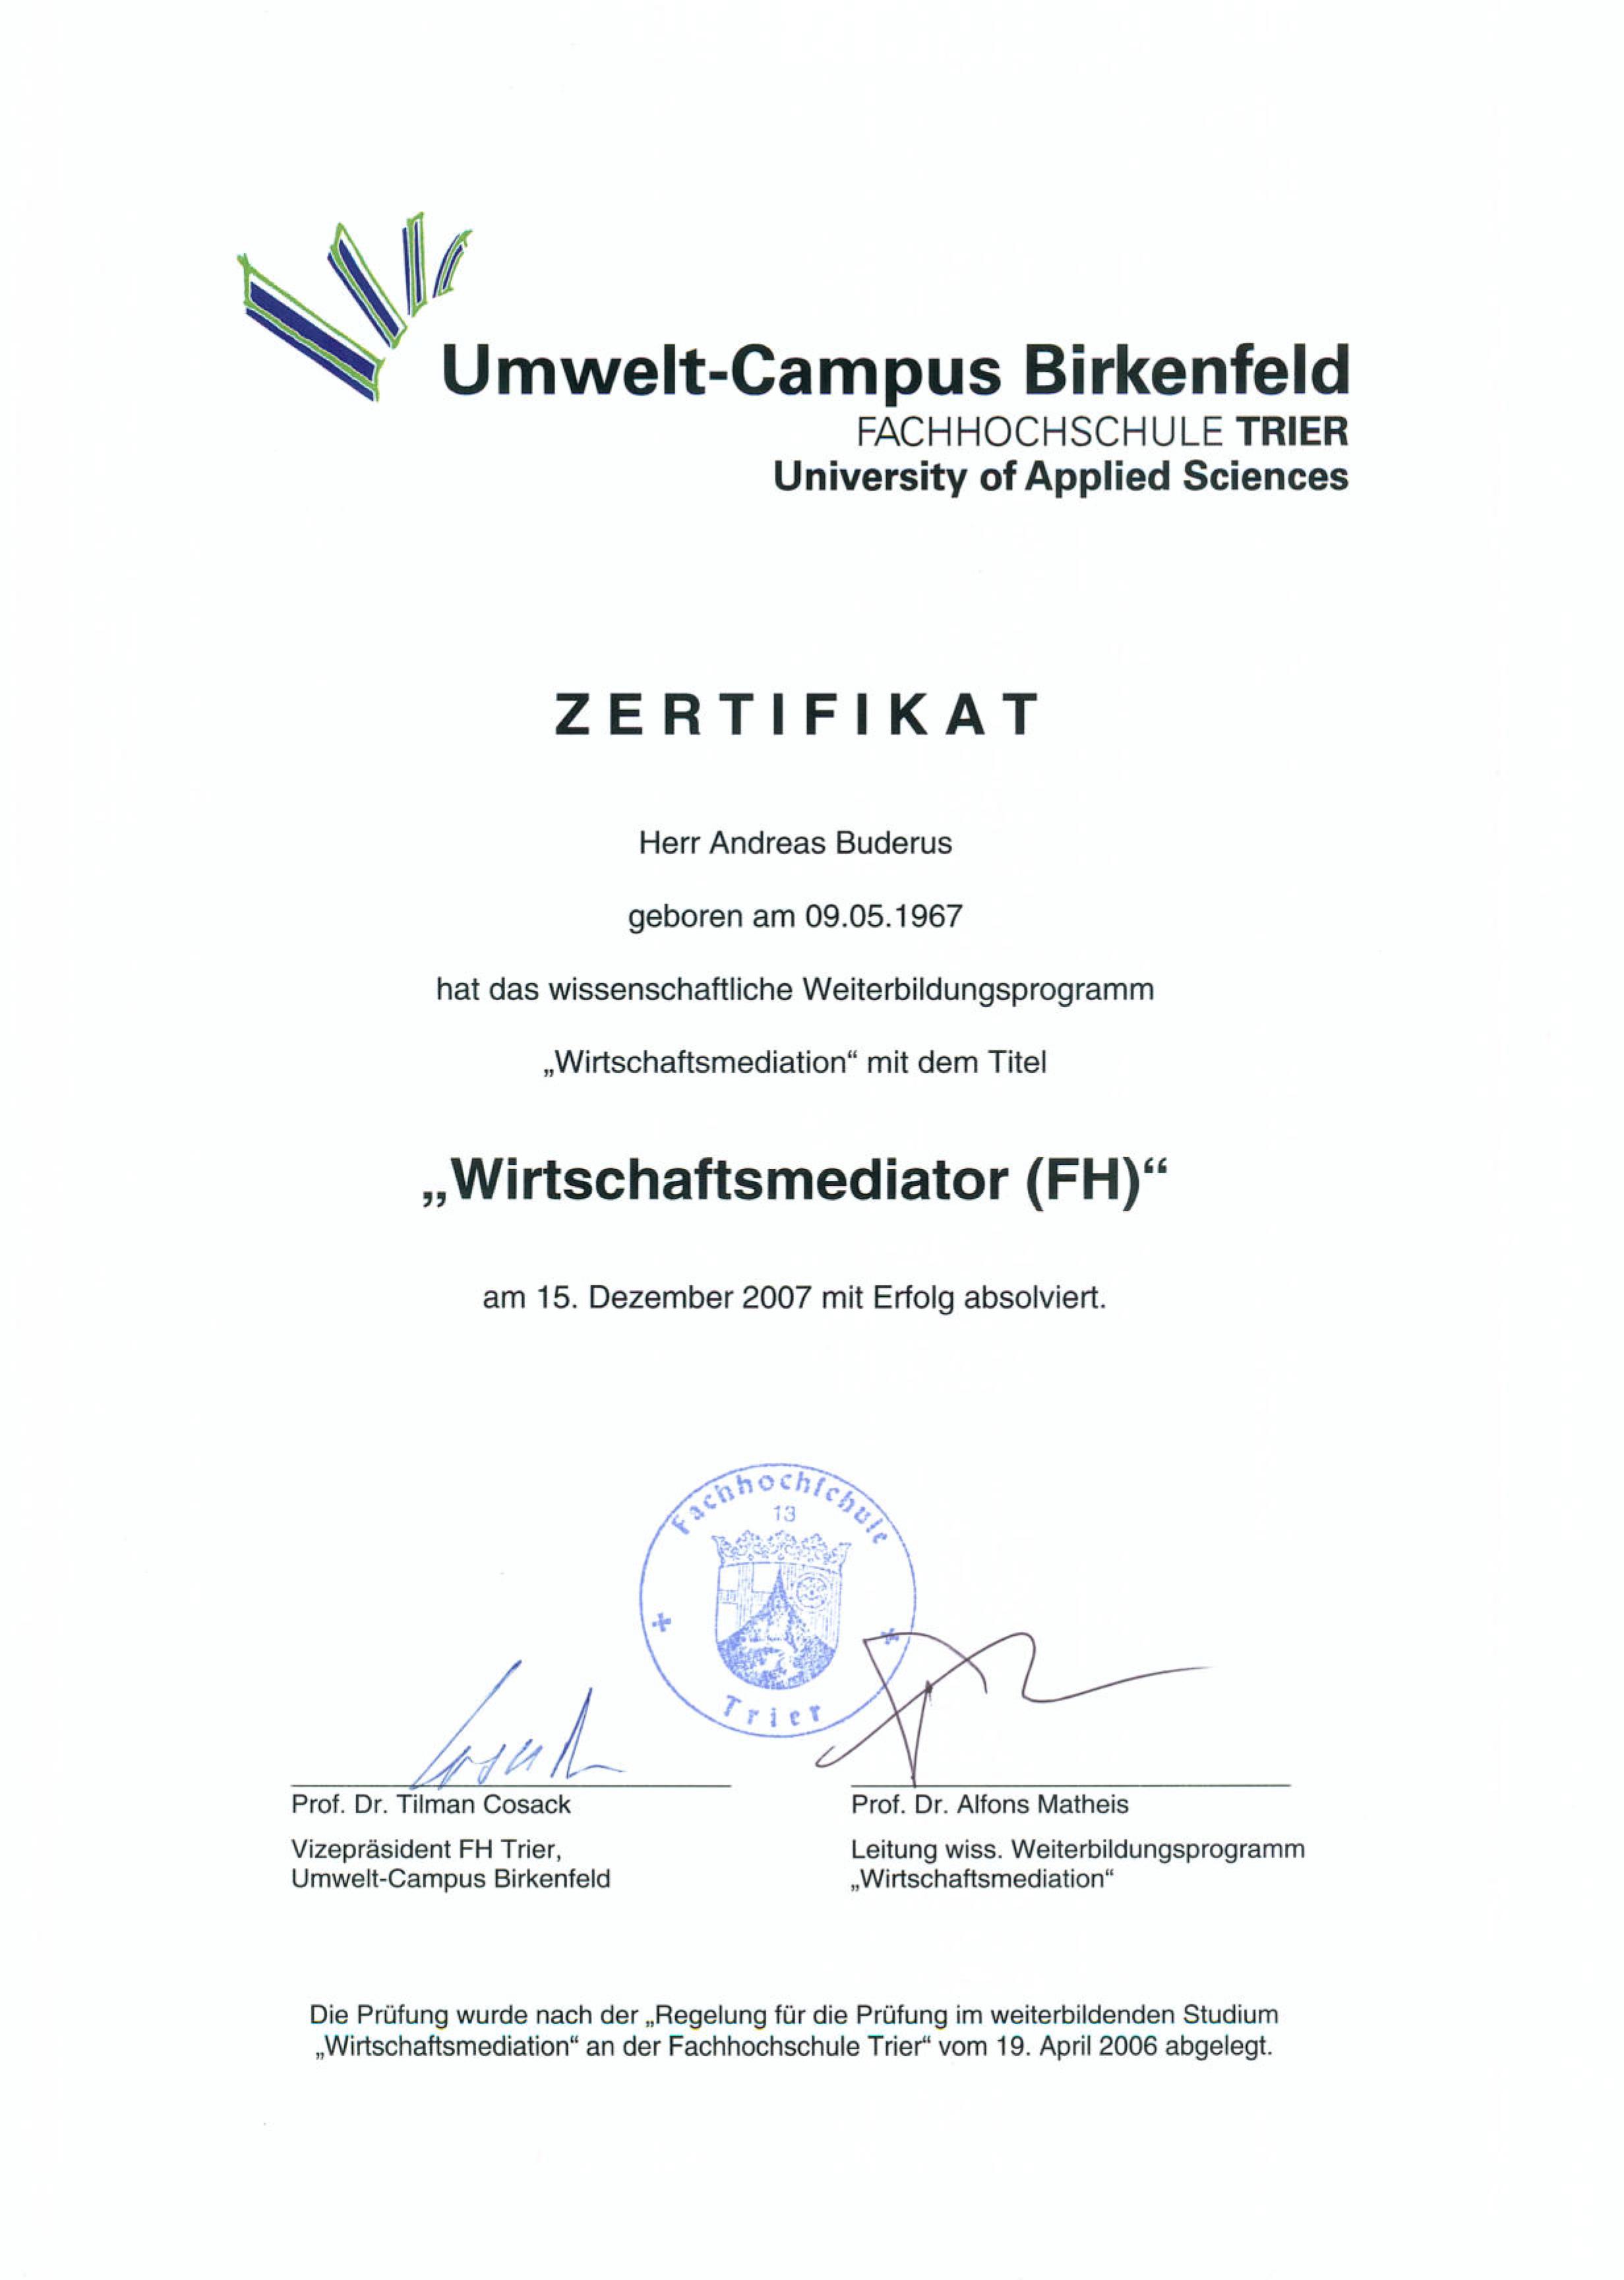 Umweltcampus_Birkenfeld